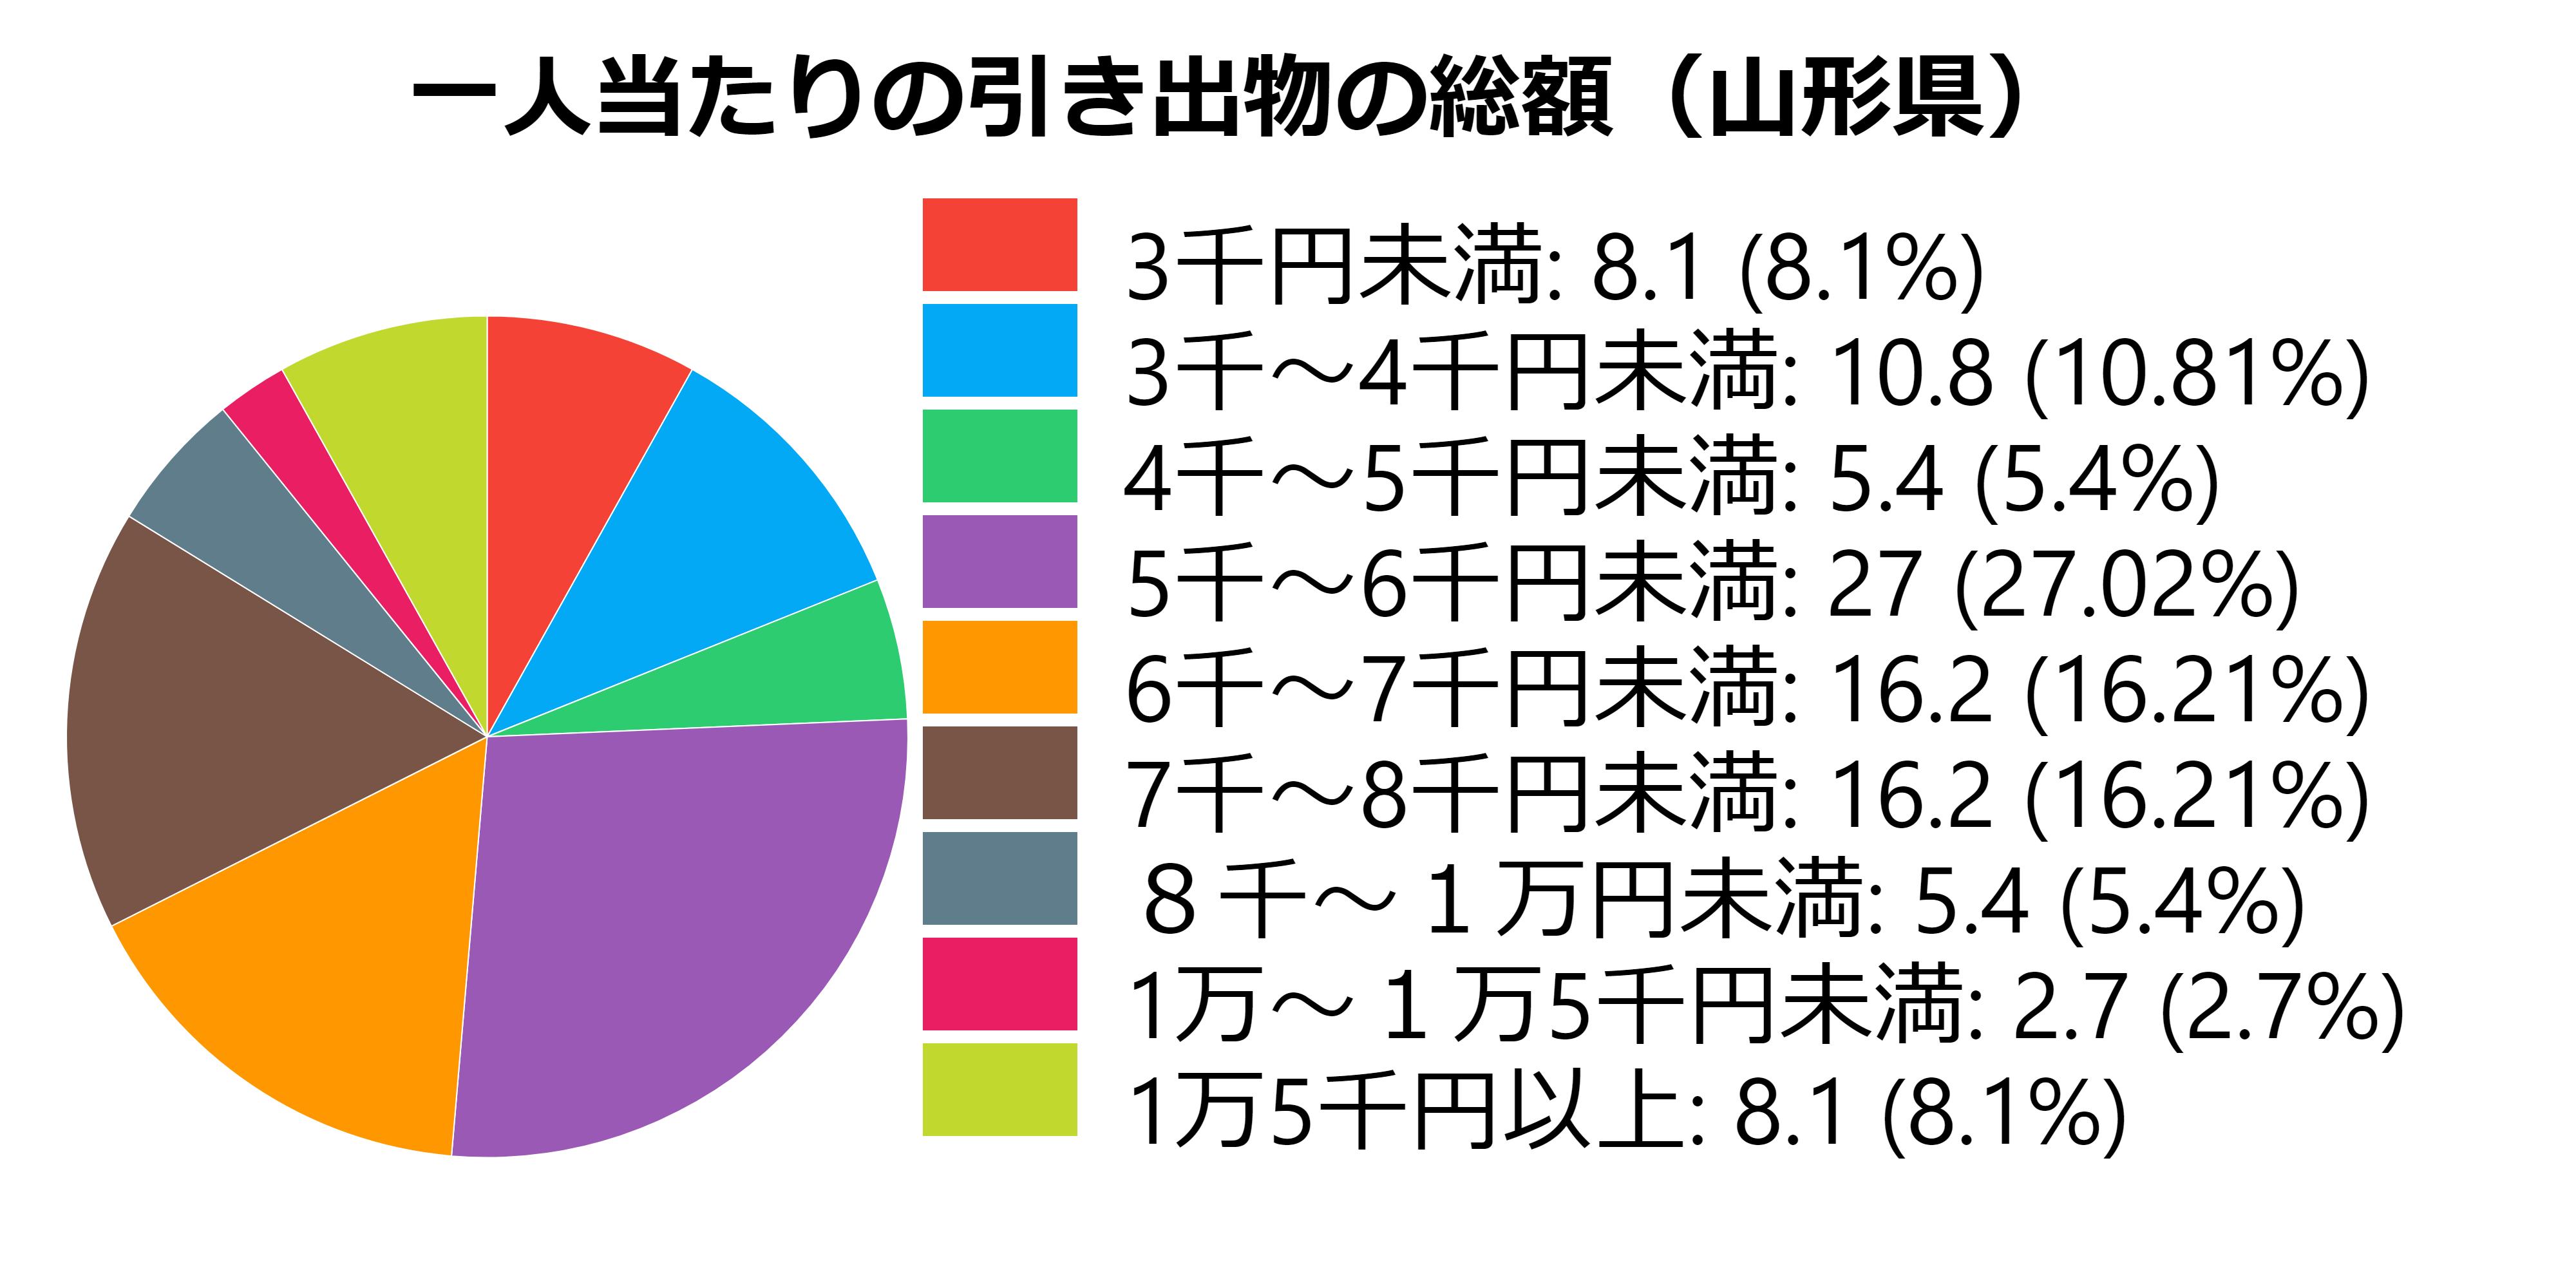 総額(山形県)